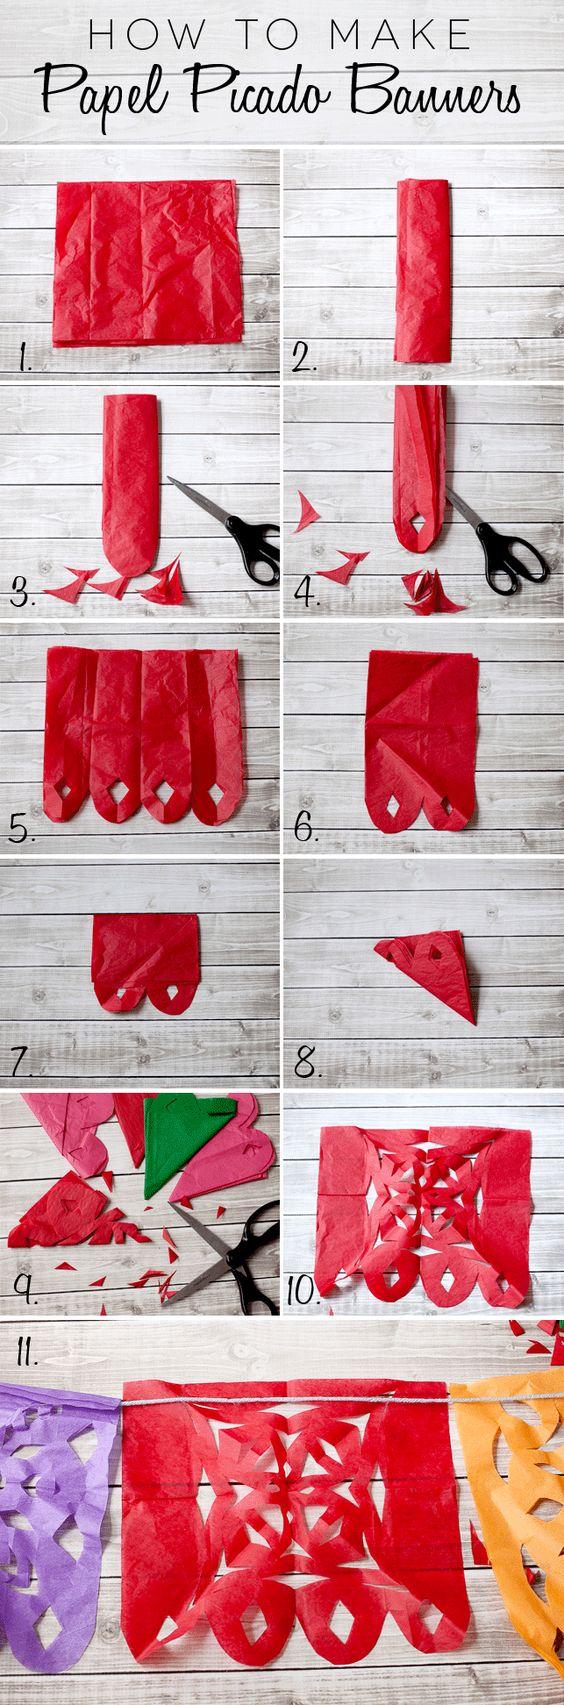 DIY ~ How to make mexican fiesta or Cinco de Mayo Papel Picado banners.